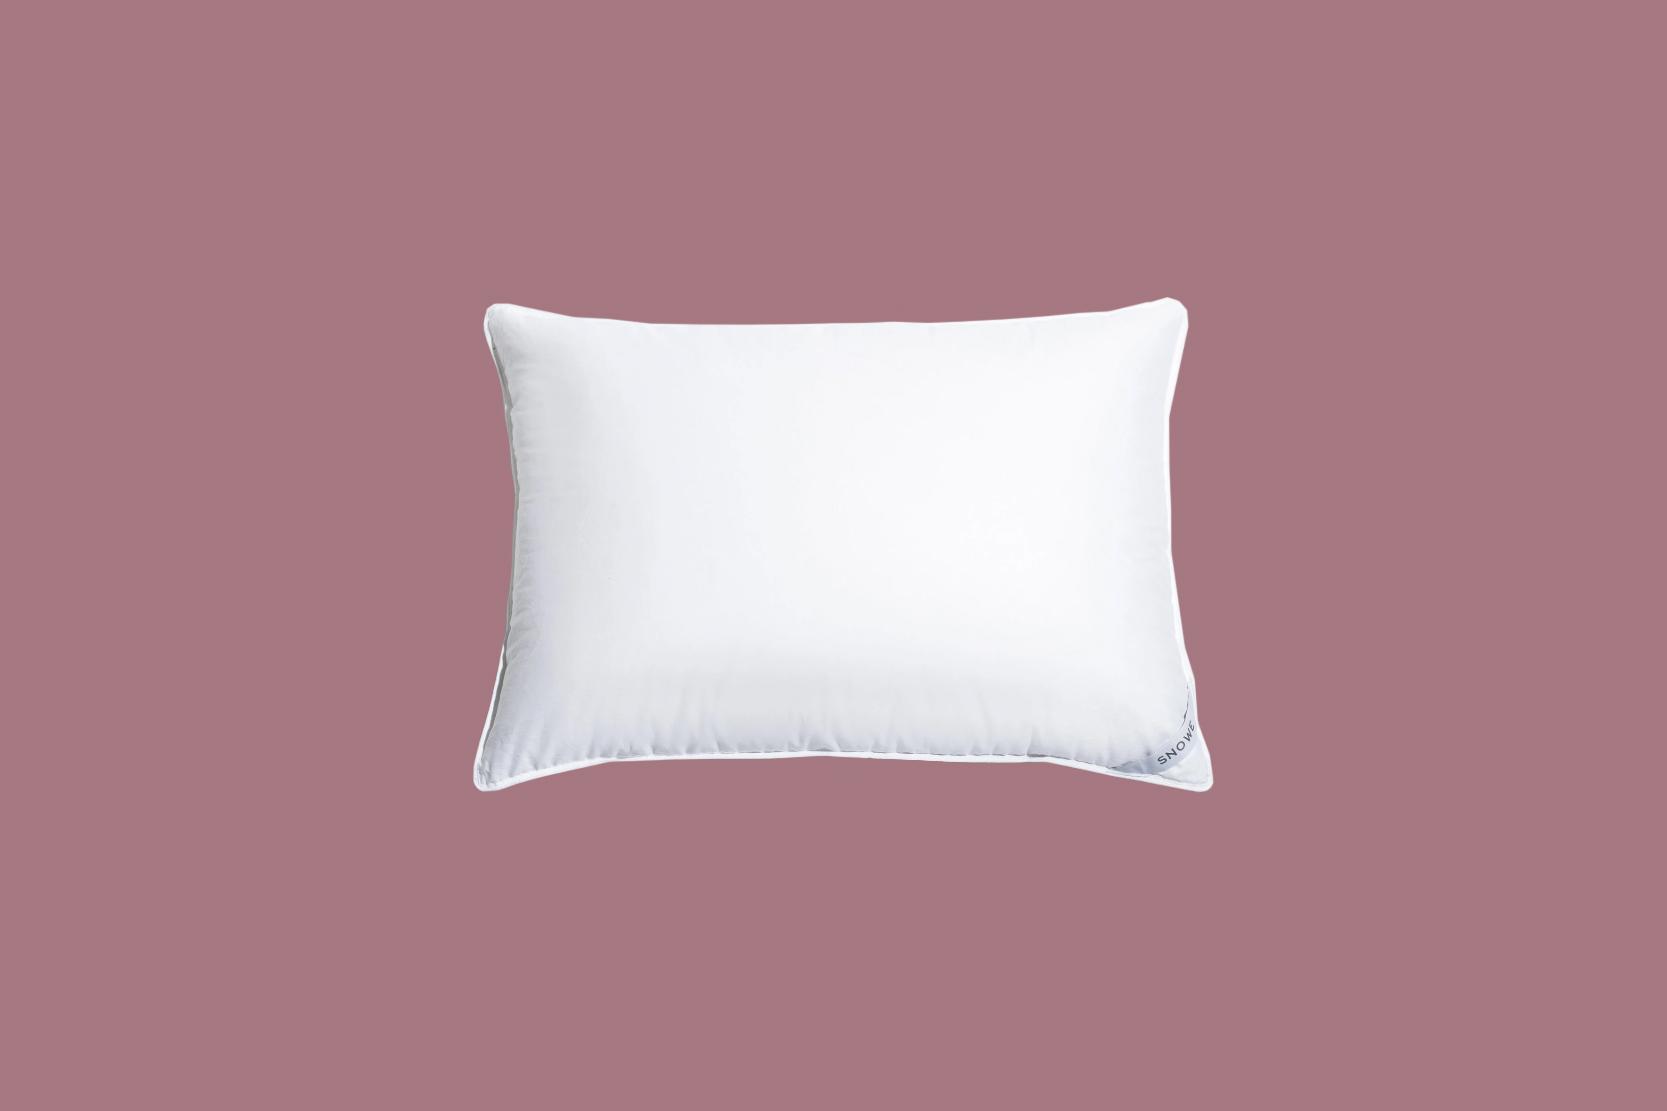 Snowe Home Down Pillow